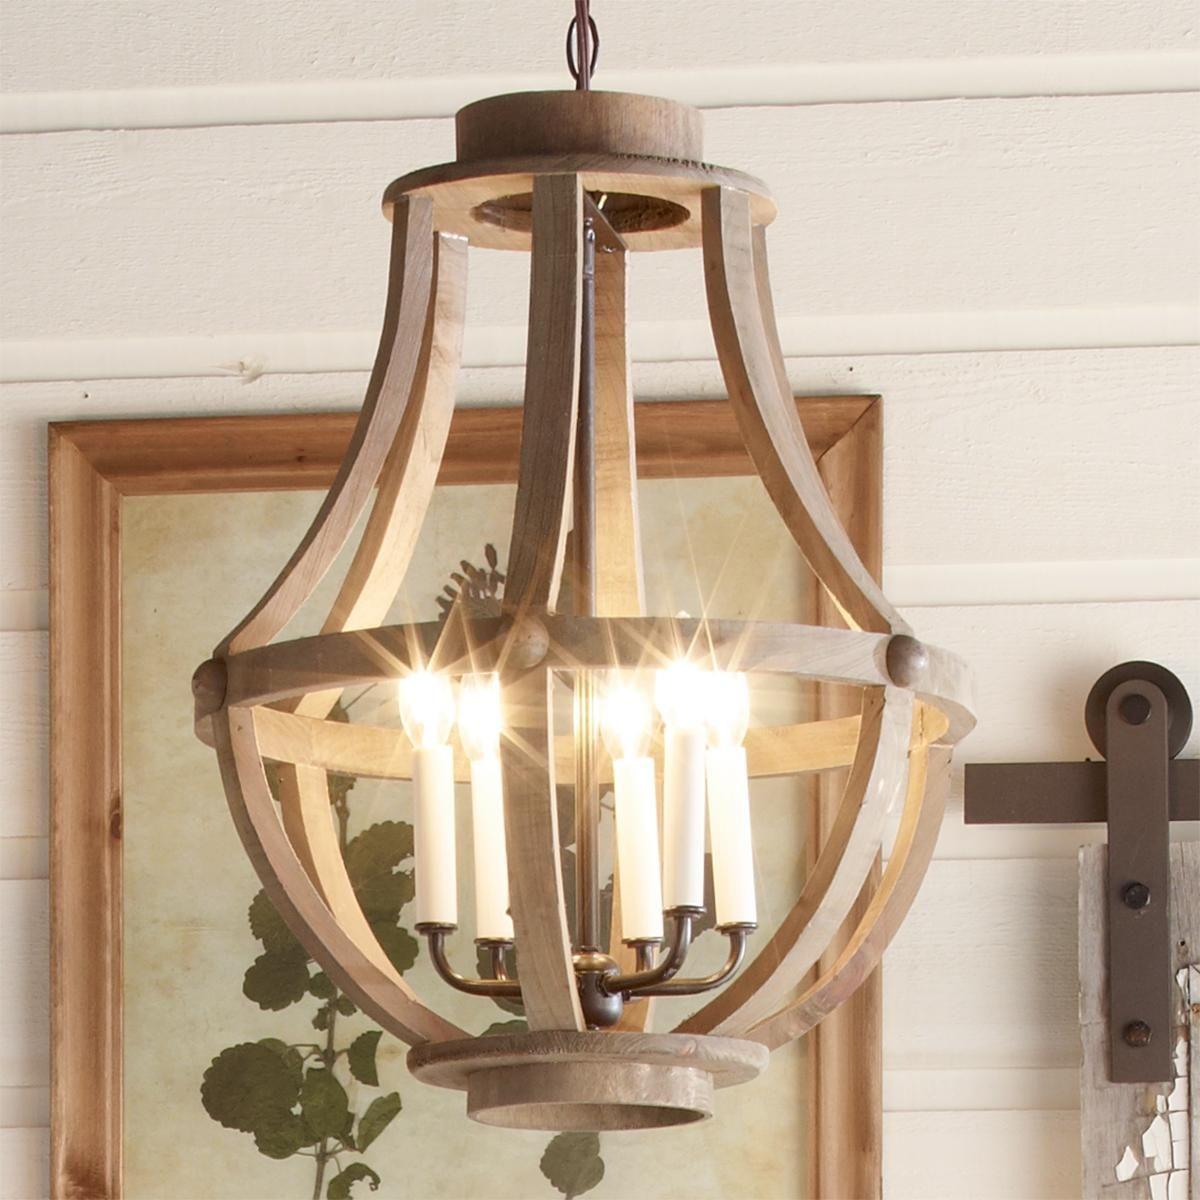 Rustic Wood Basket Lantern Large Lighting In 2019